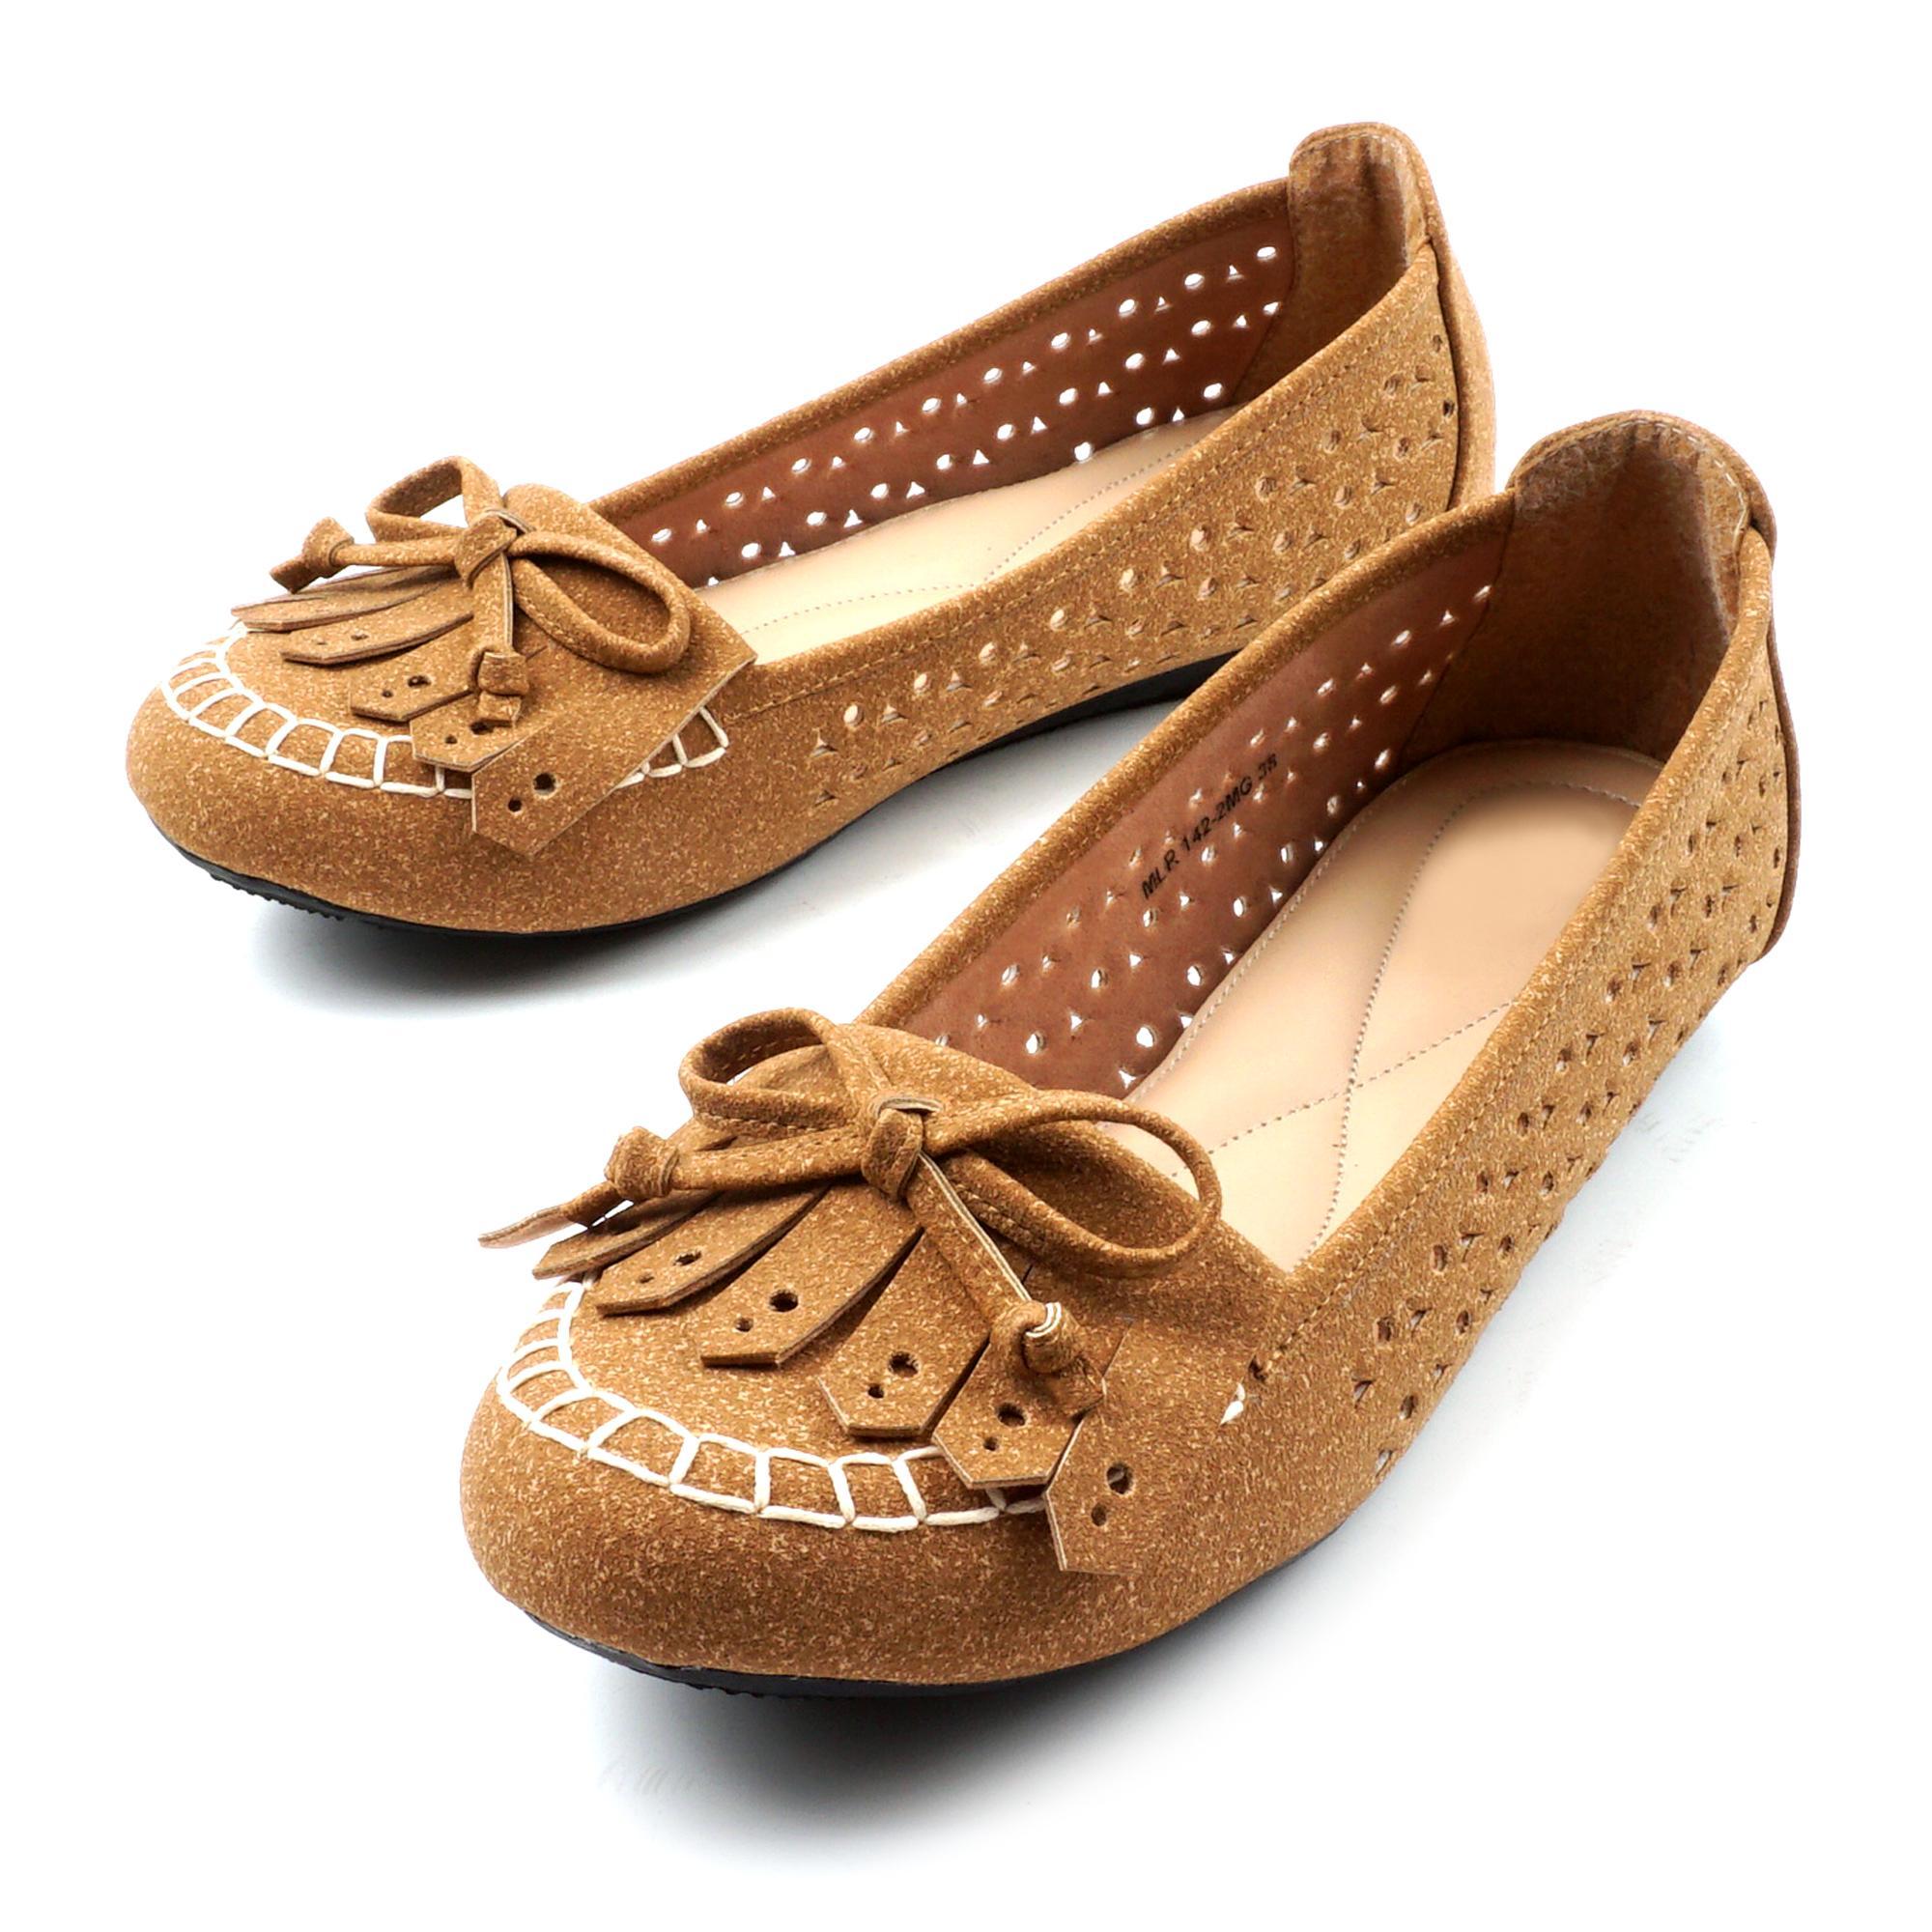 Pluvia - Sepatu Flat Shoes Wanita Terbaru MLR-MG02 - Navy / Cream / Tan